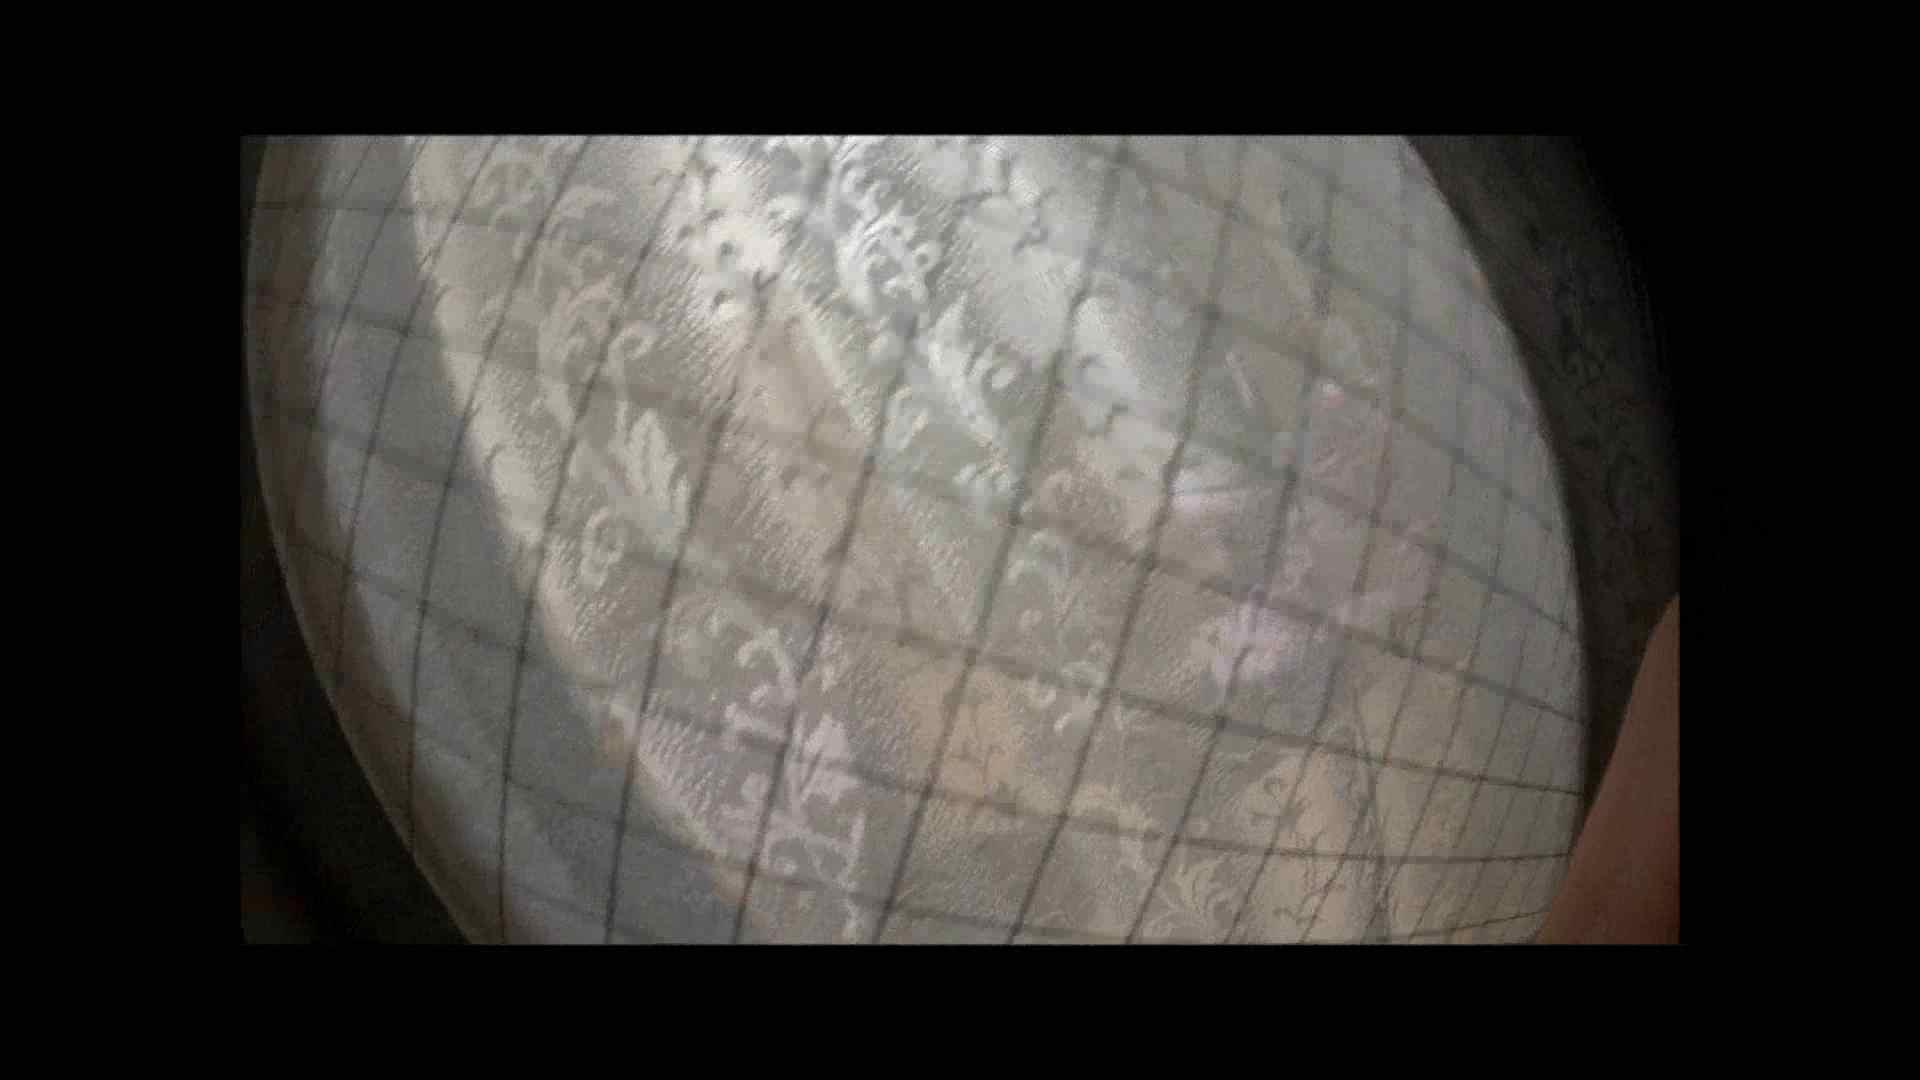 【04】別の日・・・魚眼レンズで広角に撮れました。 Hな熟女 えろ無修正画像 111pic 107